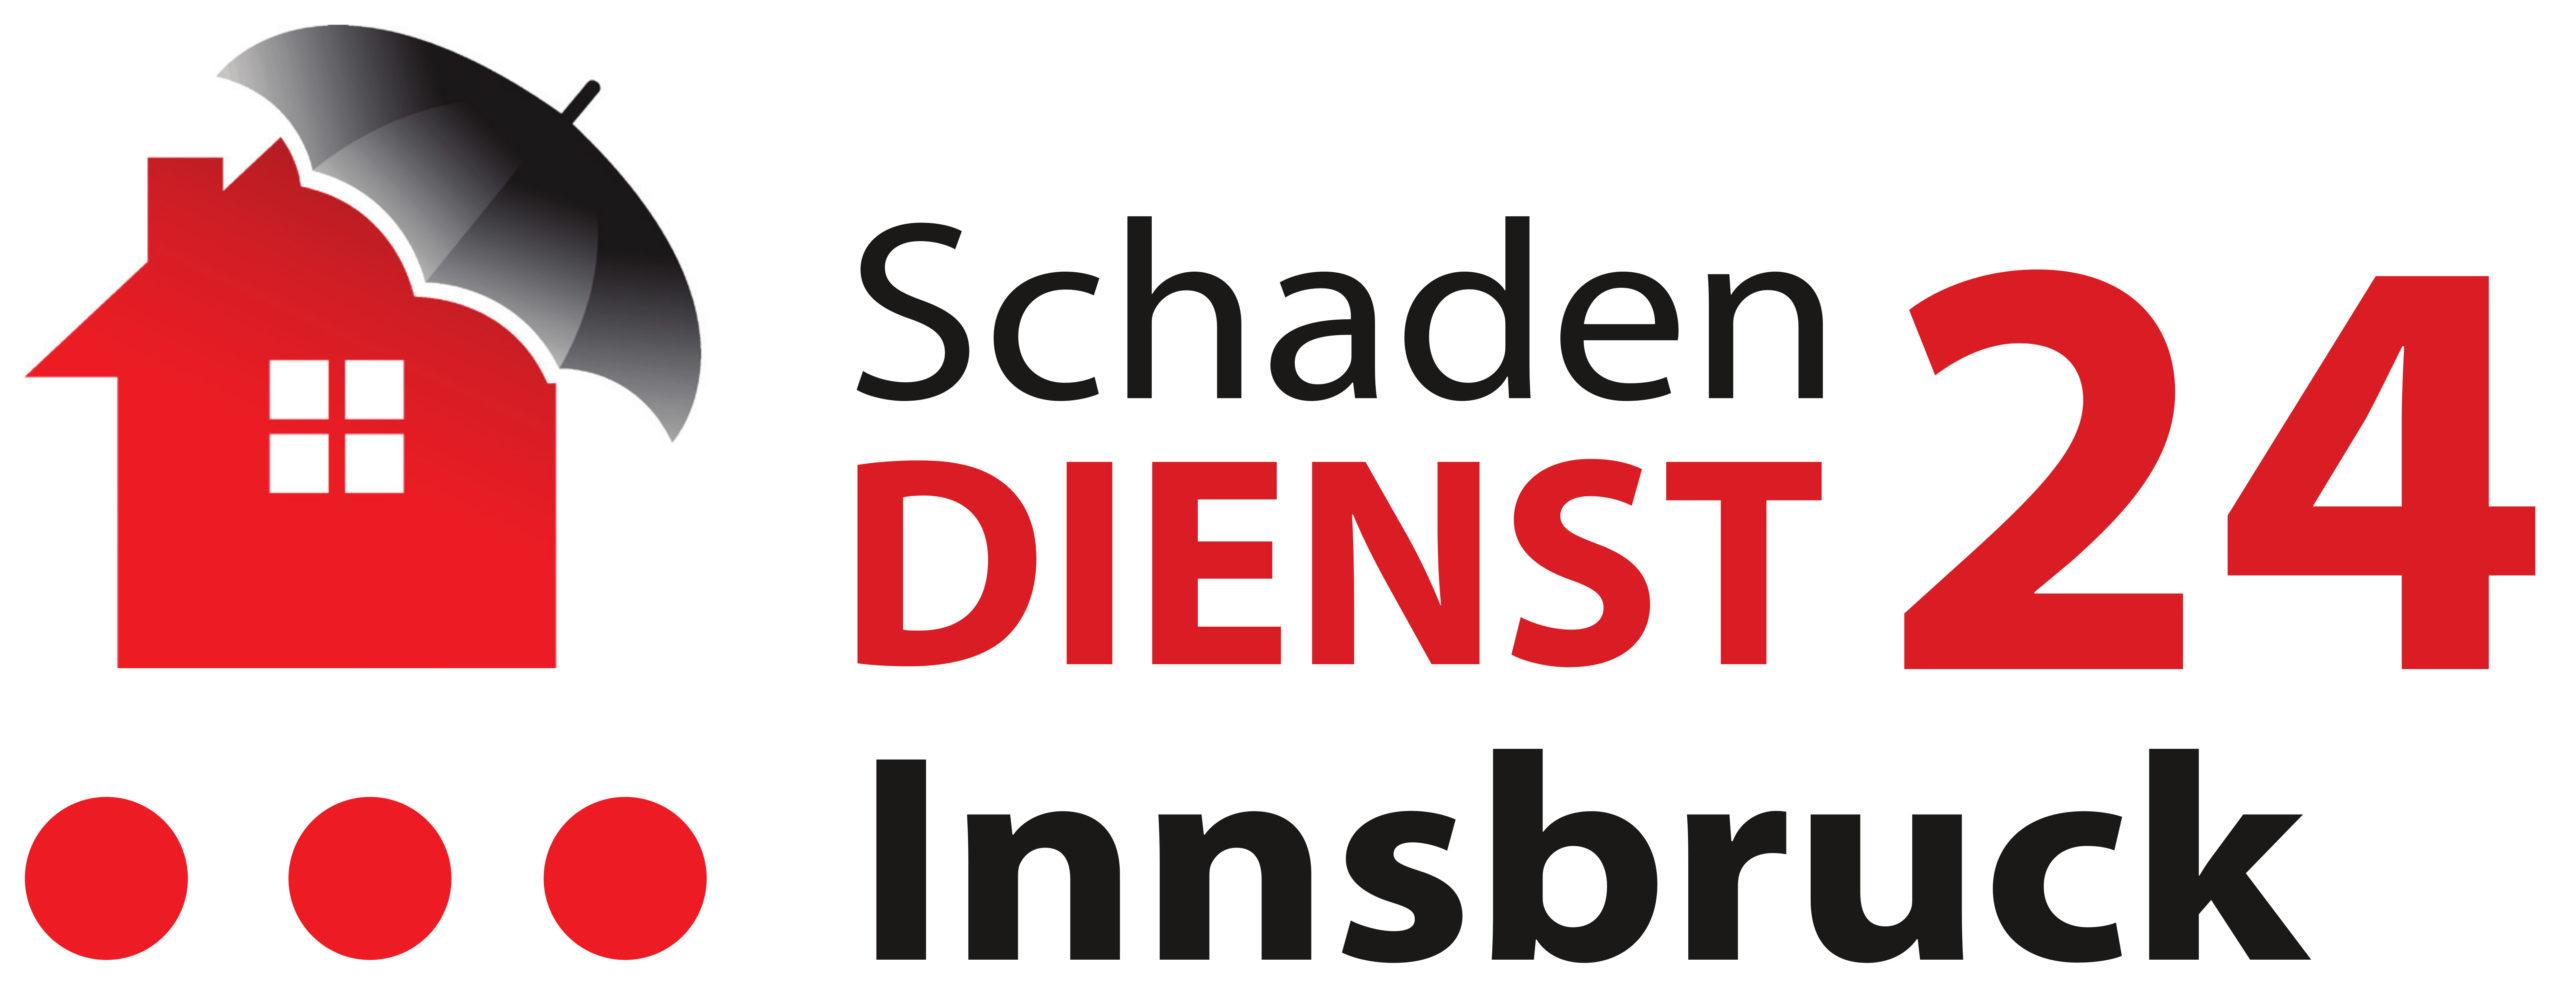 SchadenDIENST24 Innsbruck Logo